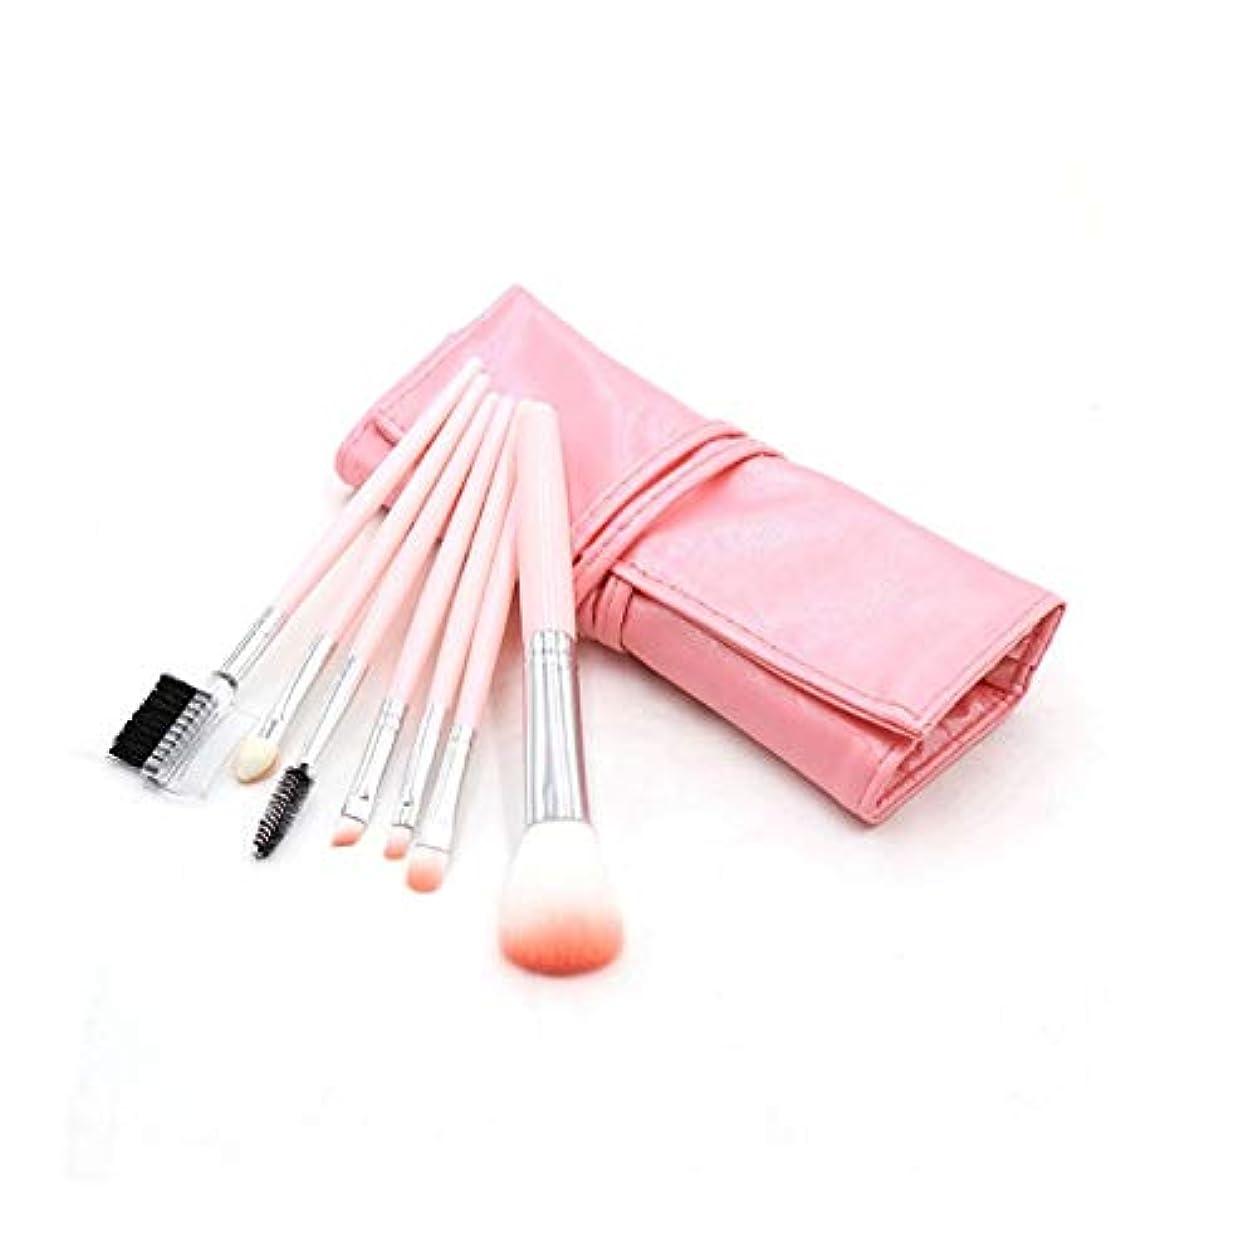 カニ弱める山岳化粧ブラシセット、ピンク7化粧ブラシ化粧ブラシセットアイシャドウブラシリップブラシ美容化粧道具